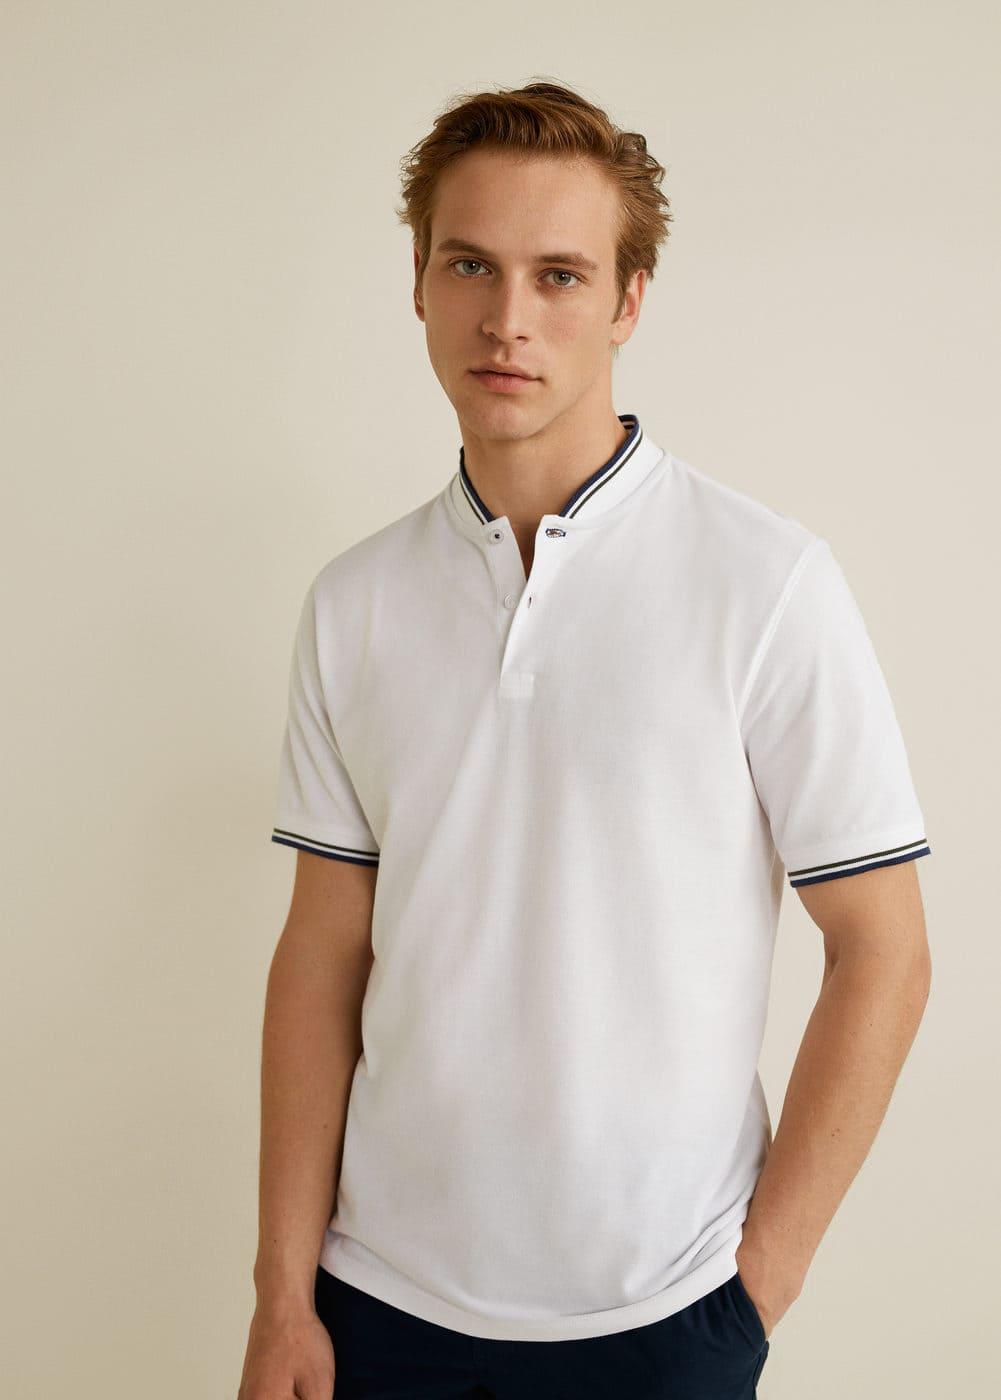 733b1762ee Hakim yakalı polo tişört - Polo yaka tişört - Erkek | Mango Man Türkiye